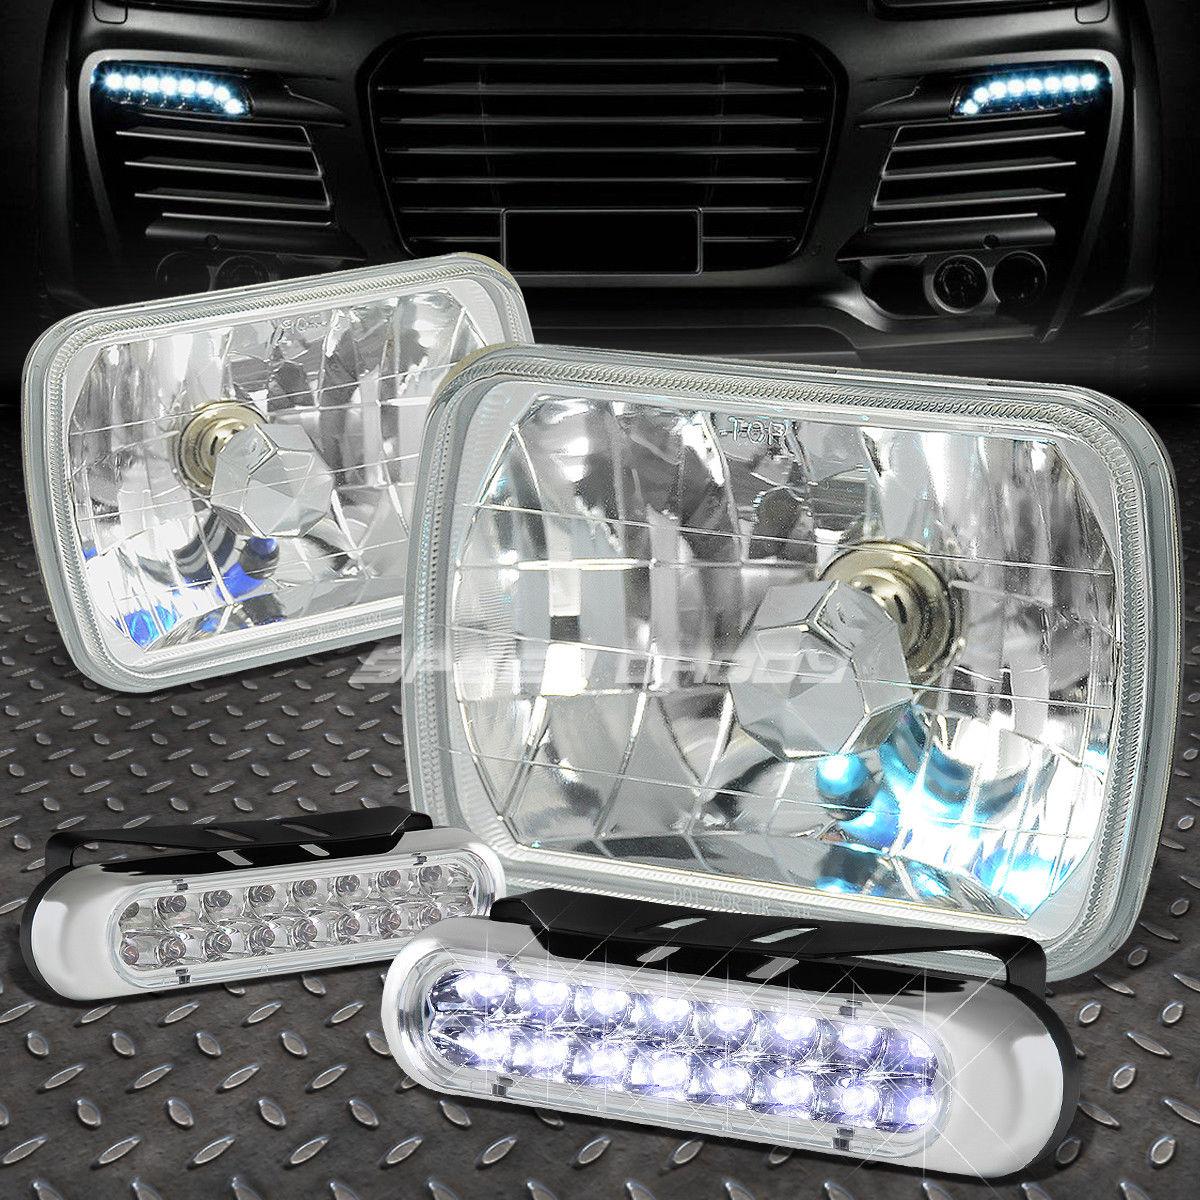 フォグライト SQUARE CLEAR AUTO HEADLIGHT+16 LED GRILL FOG LIGHT FOR 7X6 H6054 NISSAN 240SX 正方形クリアヘッドライト+ 16 LEDグリルフォグライト7X6 H6054日産240SX用